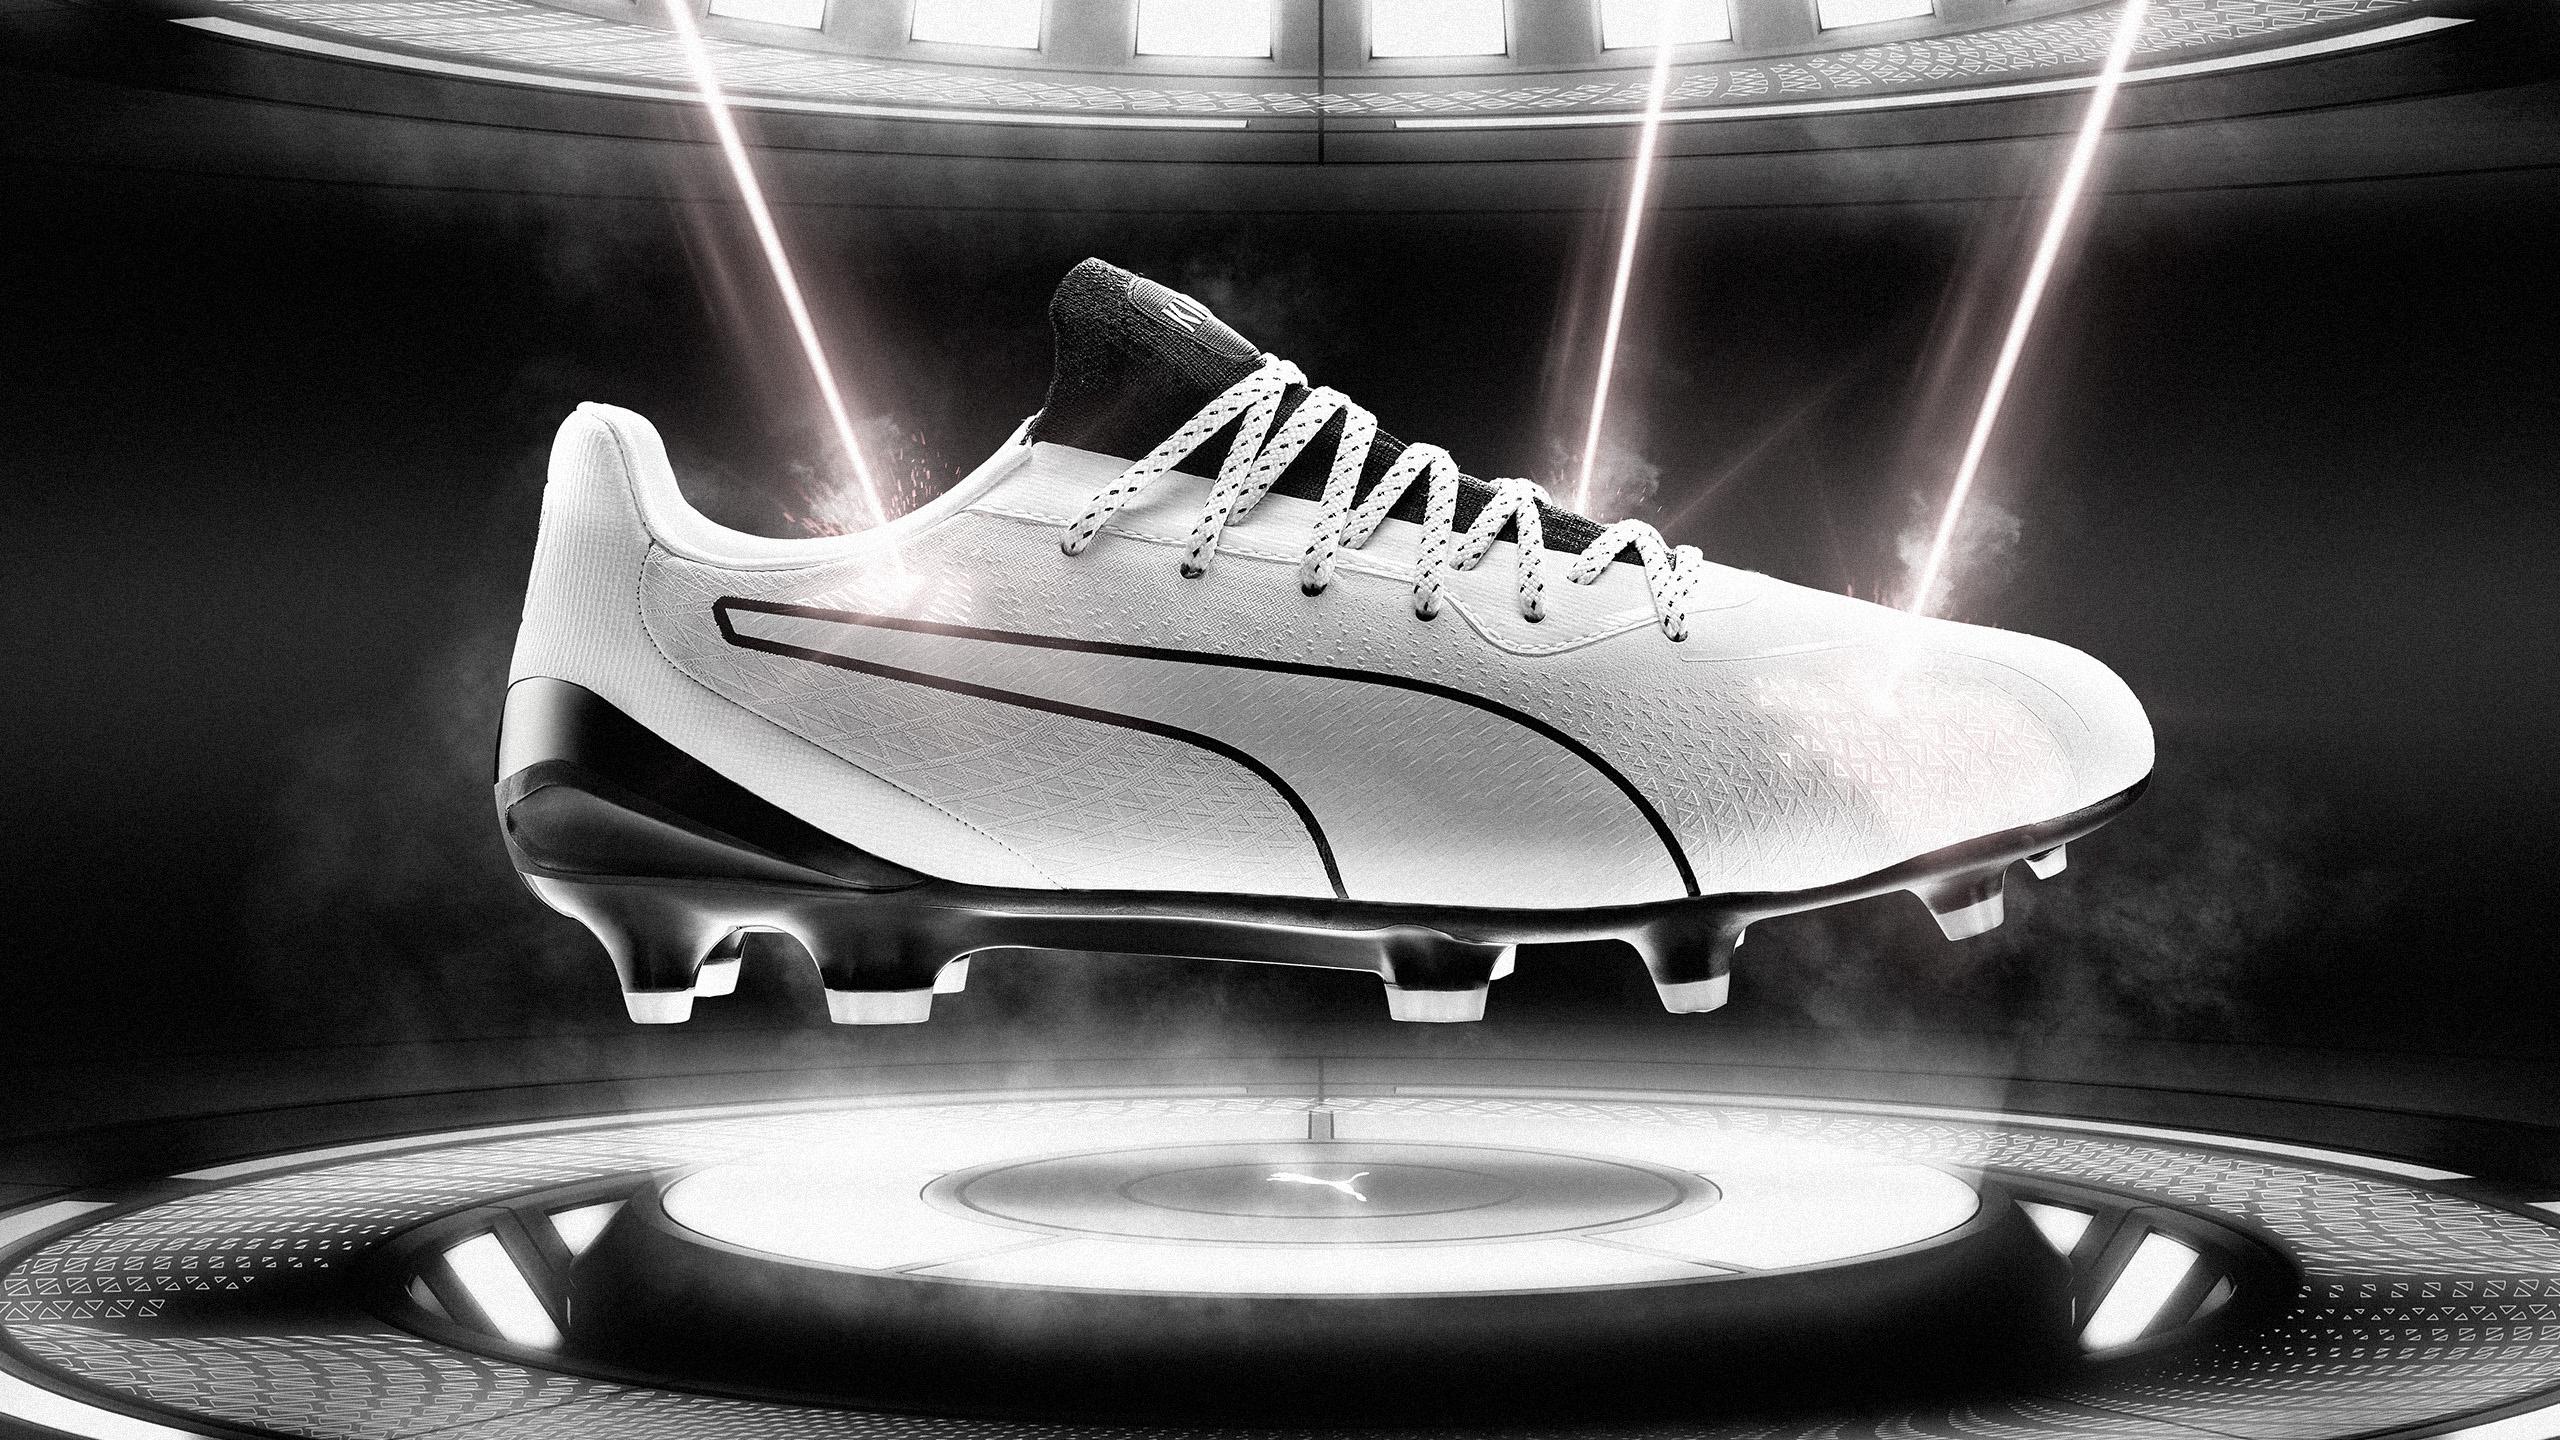 PUMA Drop Ultra-Light 'King Platinum Lazertouch' Football Boot